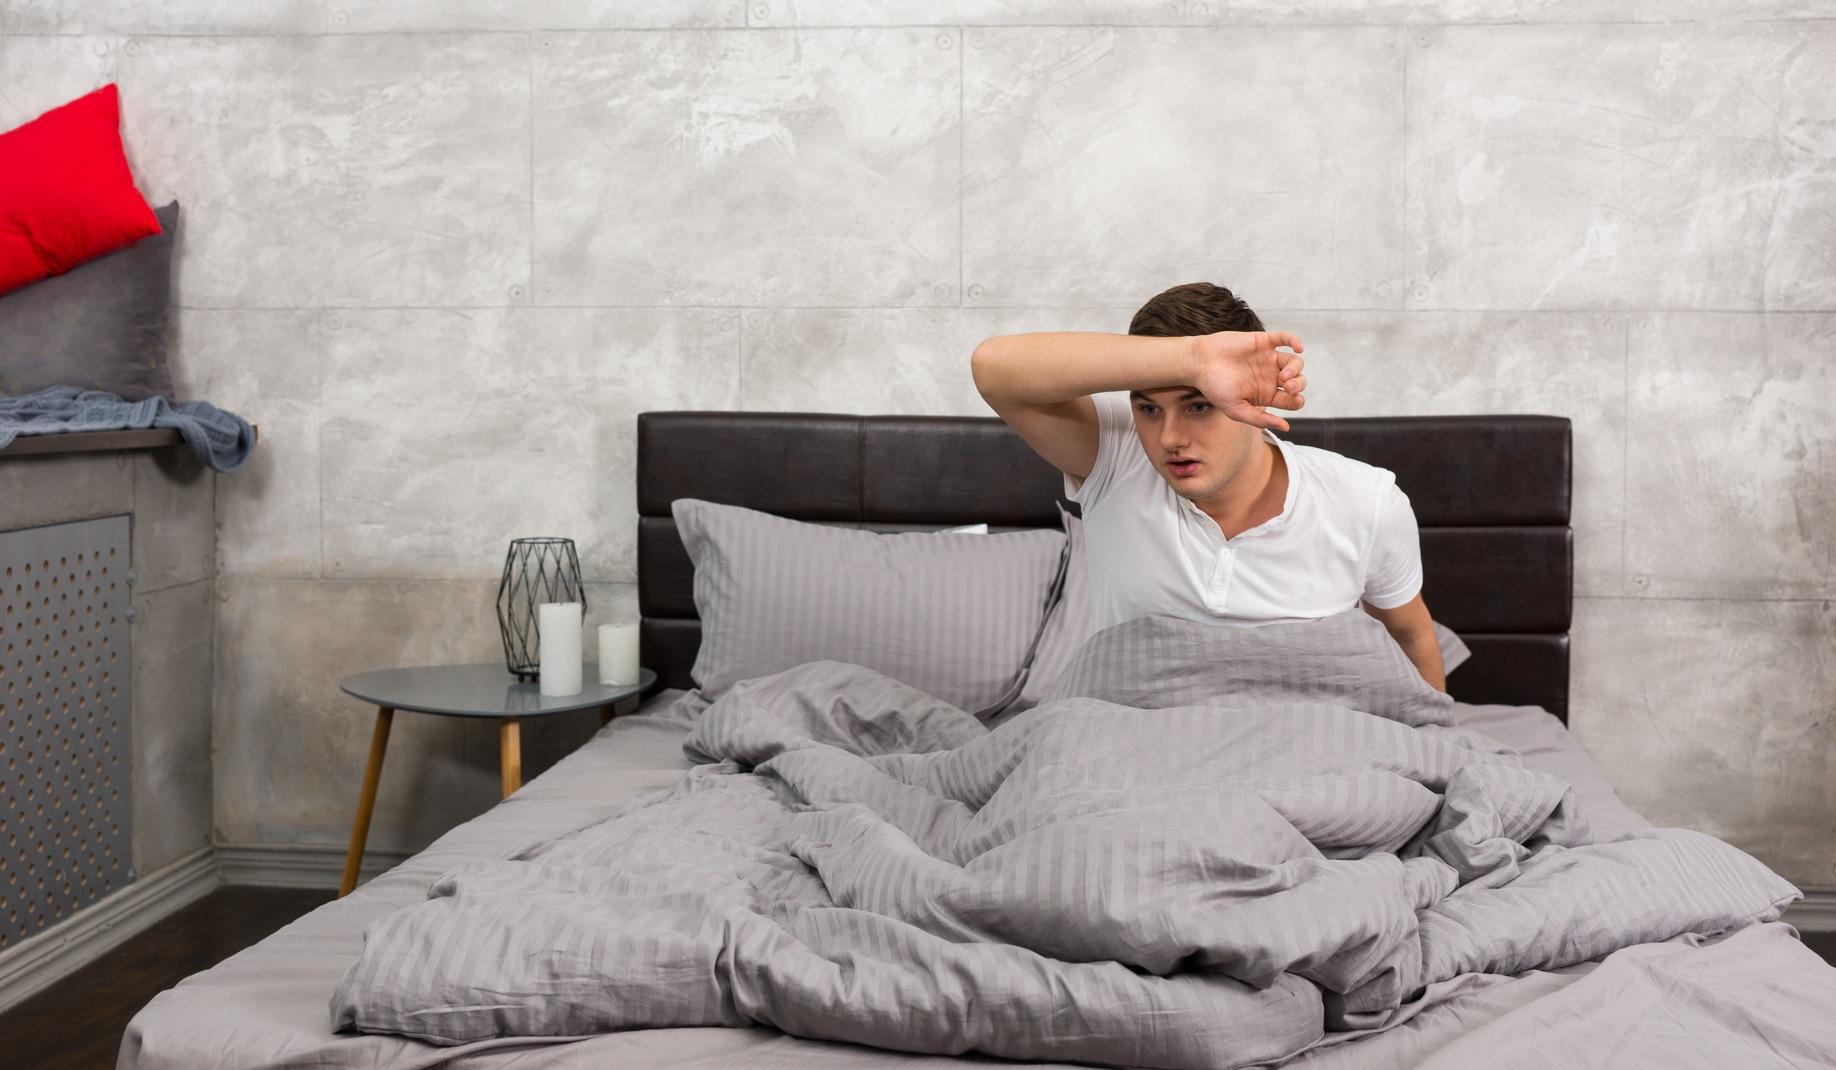 suhu kamar paling ideal untuk tidur adalah 18,3 derajat Celcius